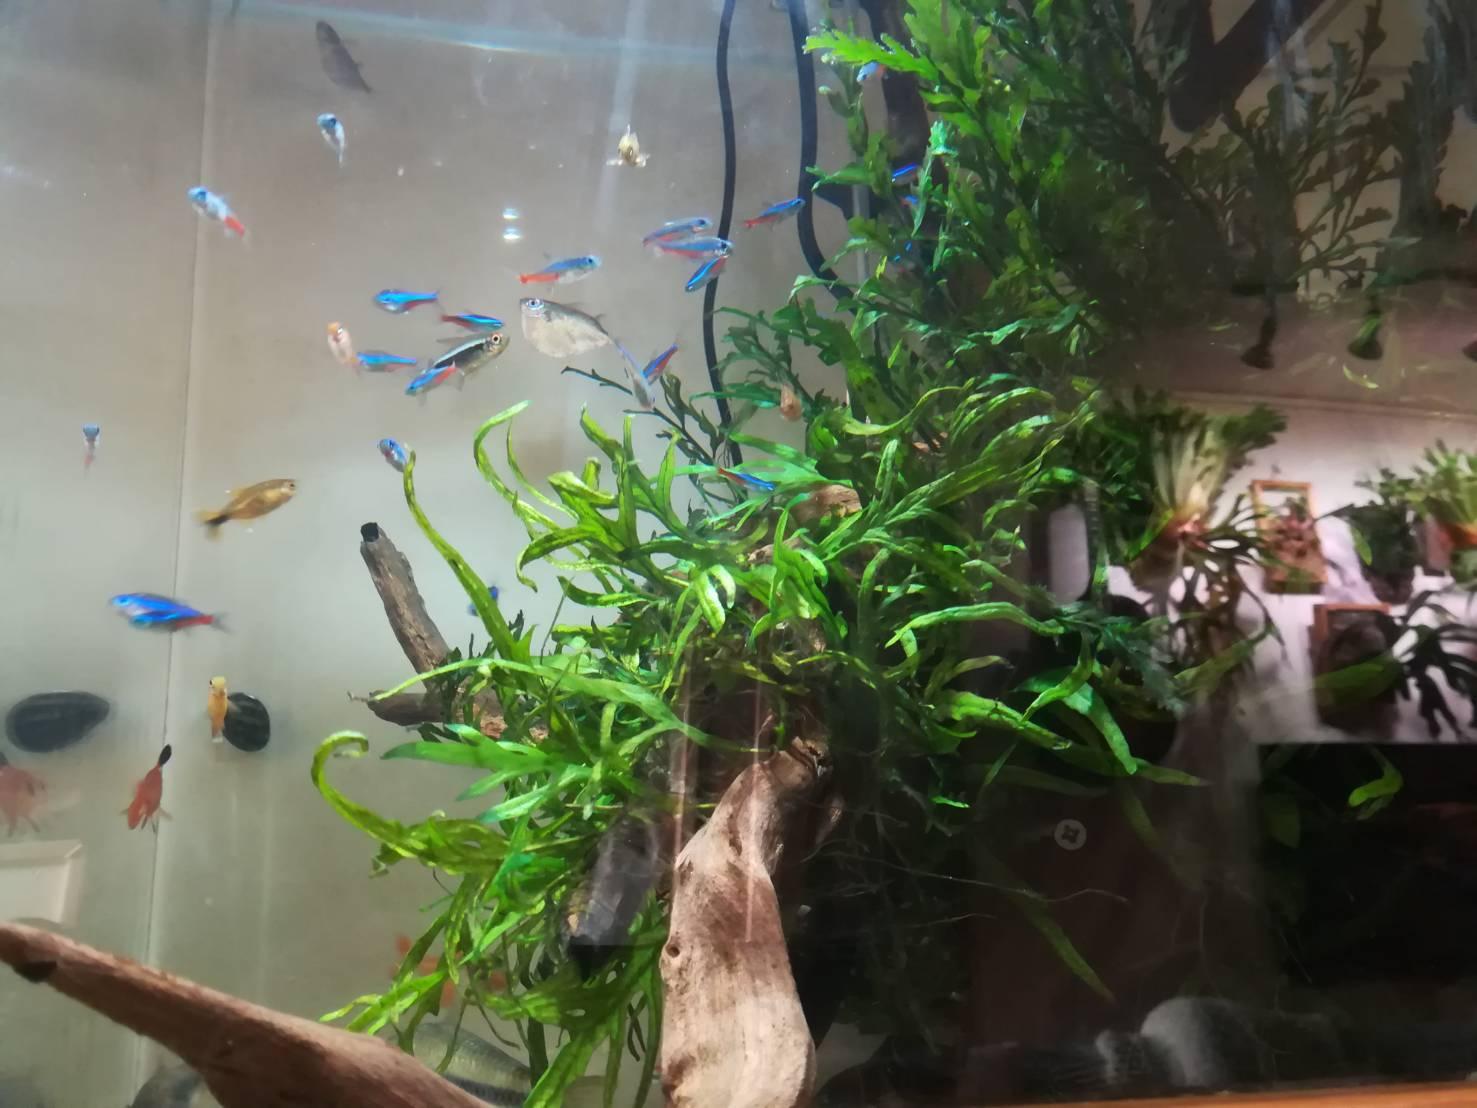 コリドラスとの混泳におすすめ!トラコハチェットが可愛すぎる≪エビを食べない大型な熱帯魚≫